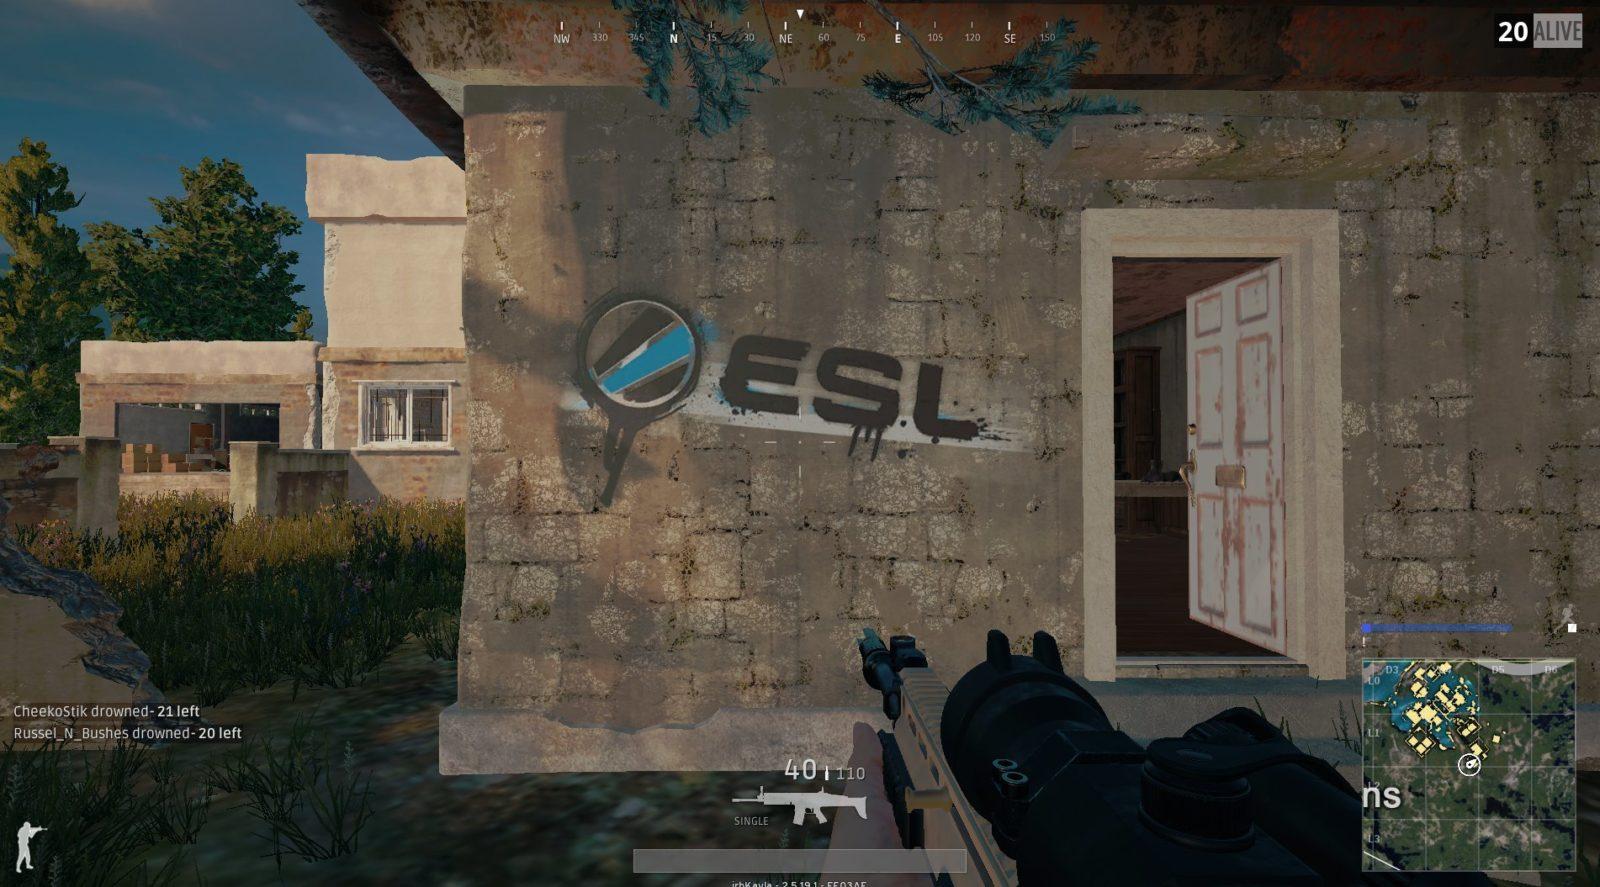 ESL стало официальным партнером PUBG иполучило свое лого накарте